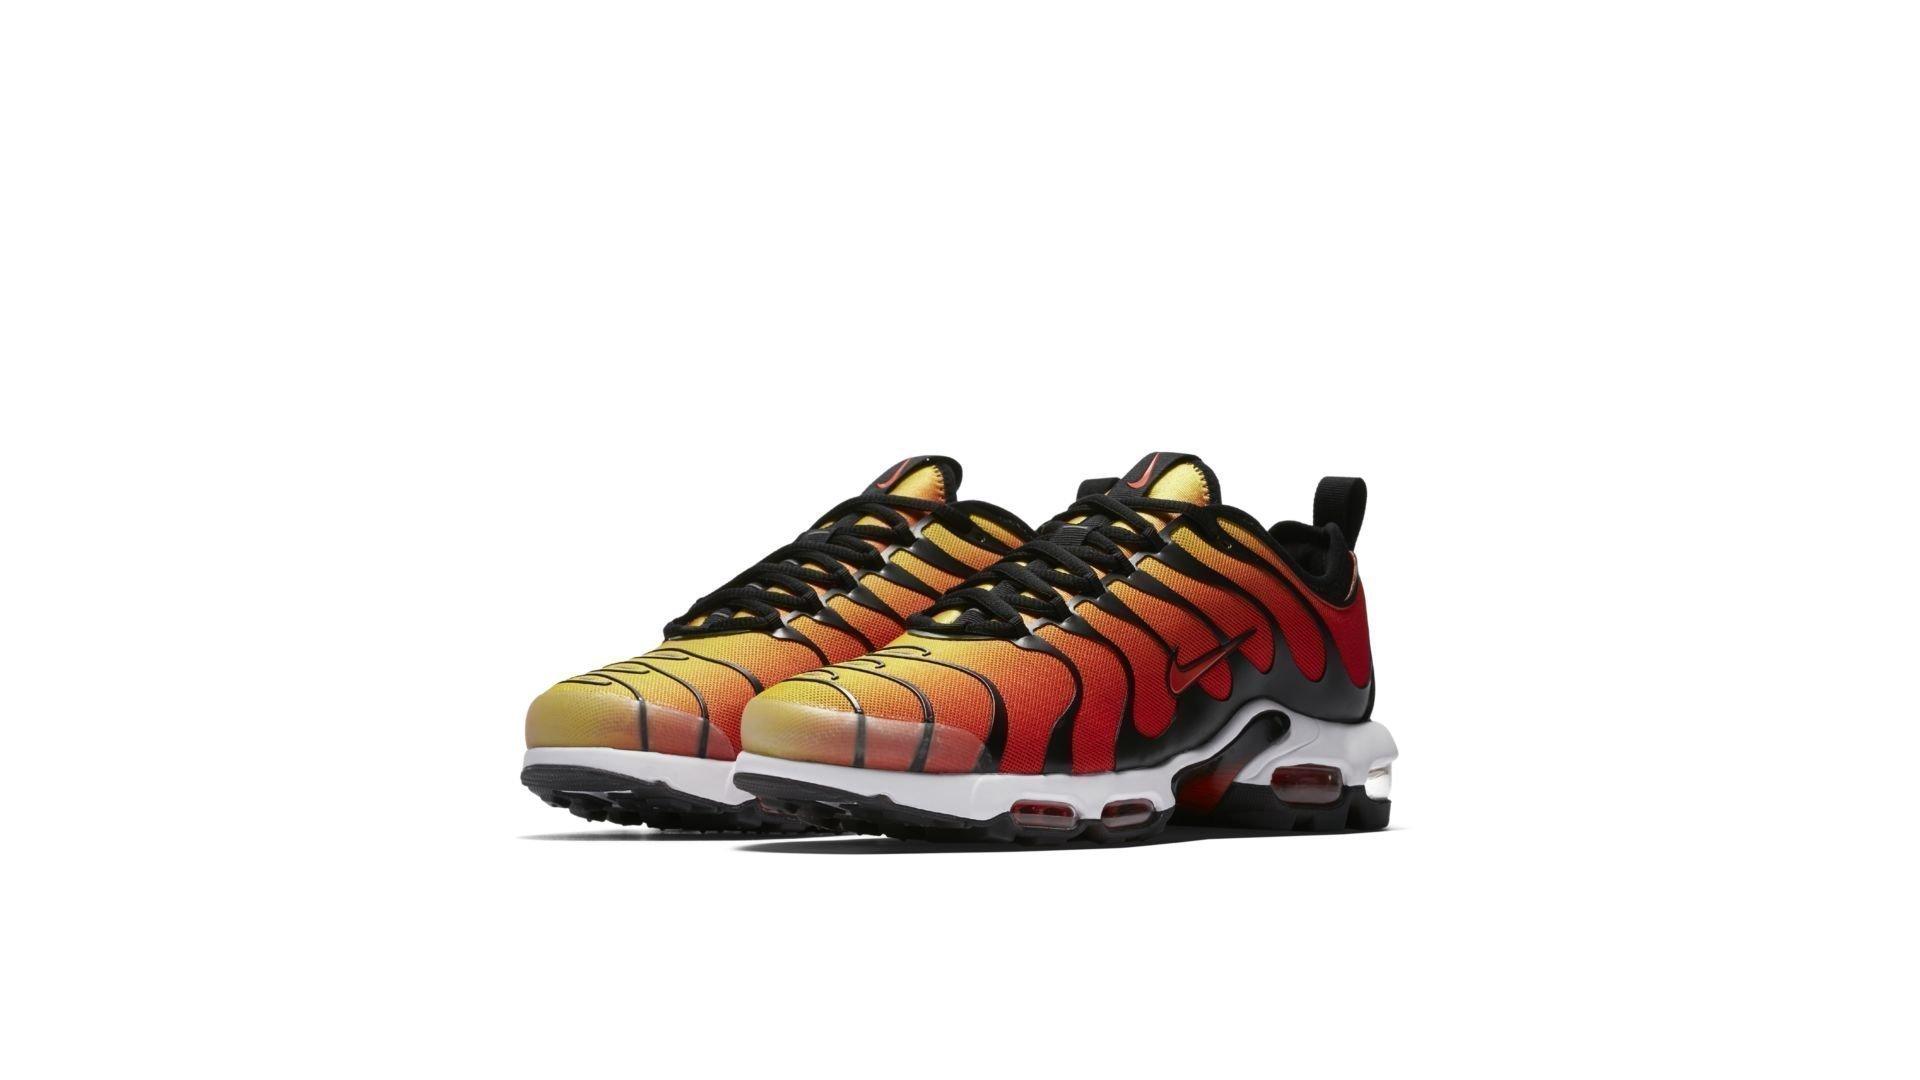 Nike Air Max Plus TN Ultra Tiger (898015-004)